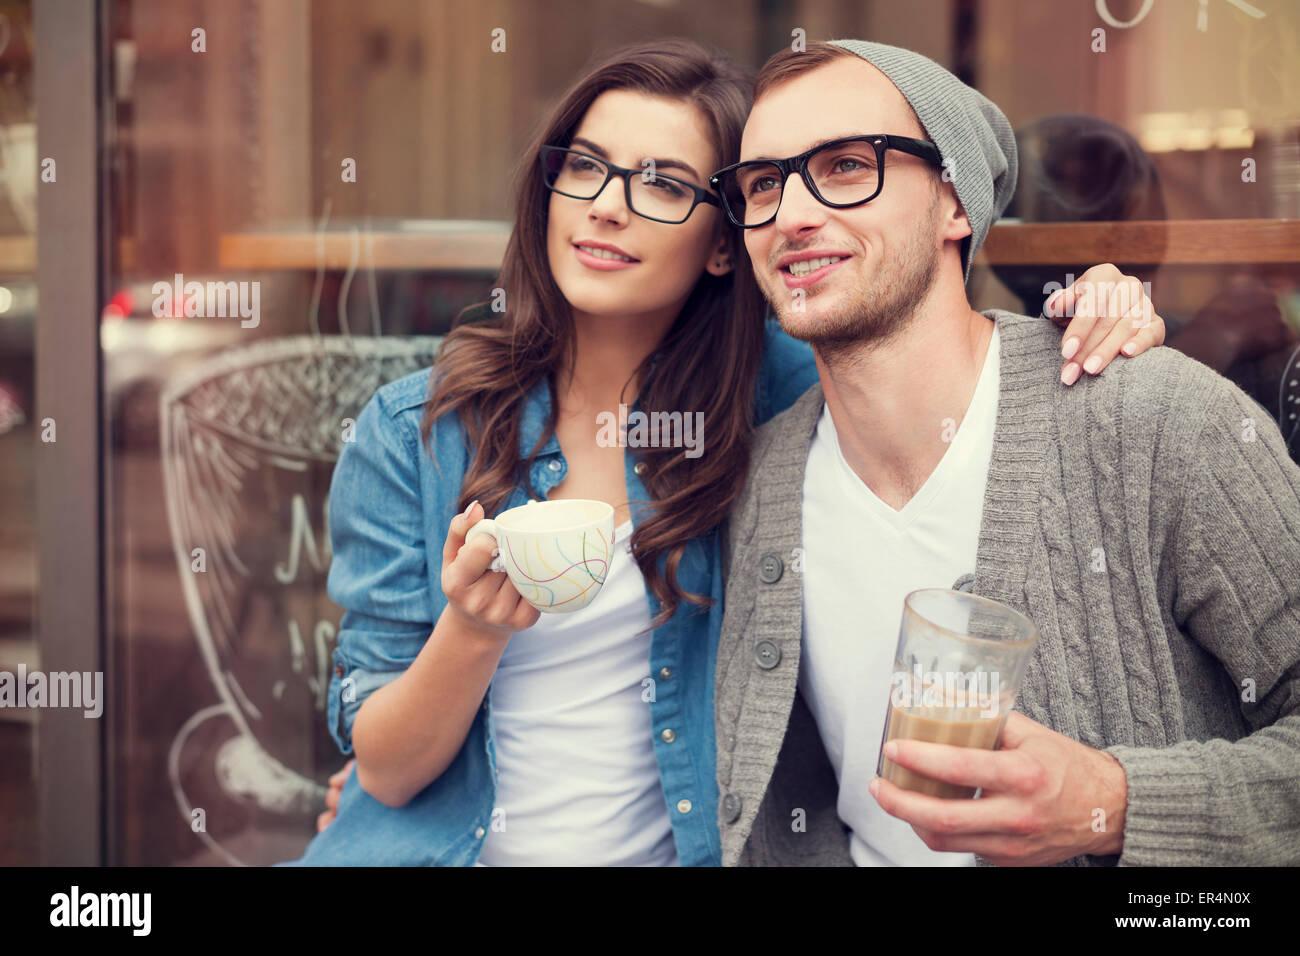 Mode jeune couple drinking coffee à l'extérieur du café. Cracovie, Pologne Photo Stock